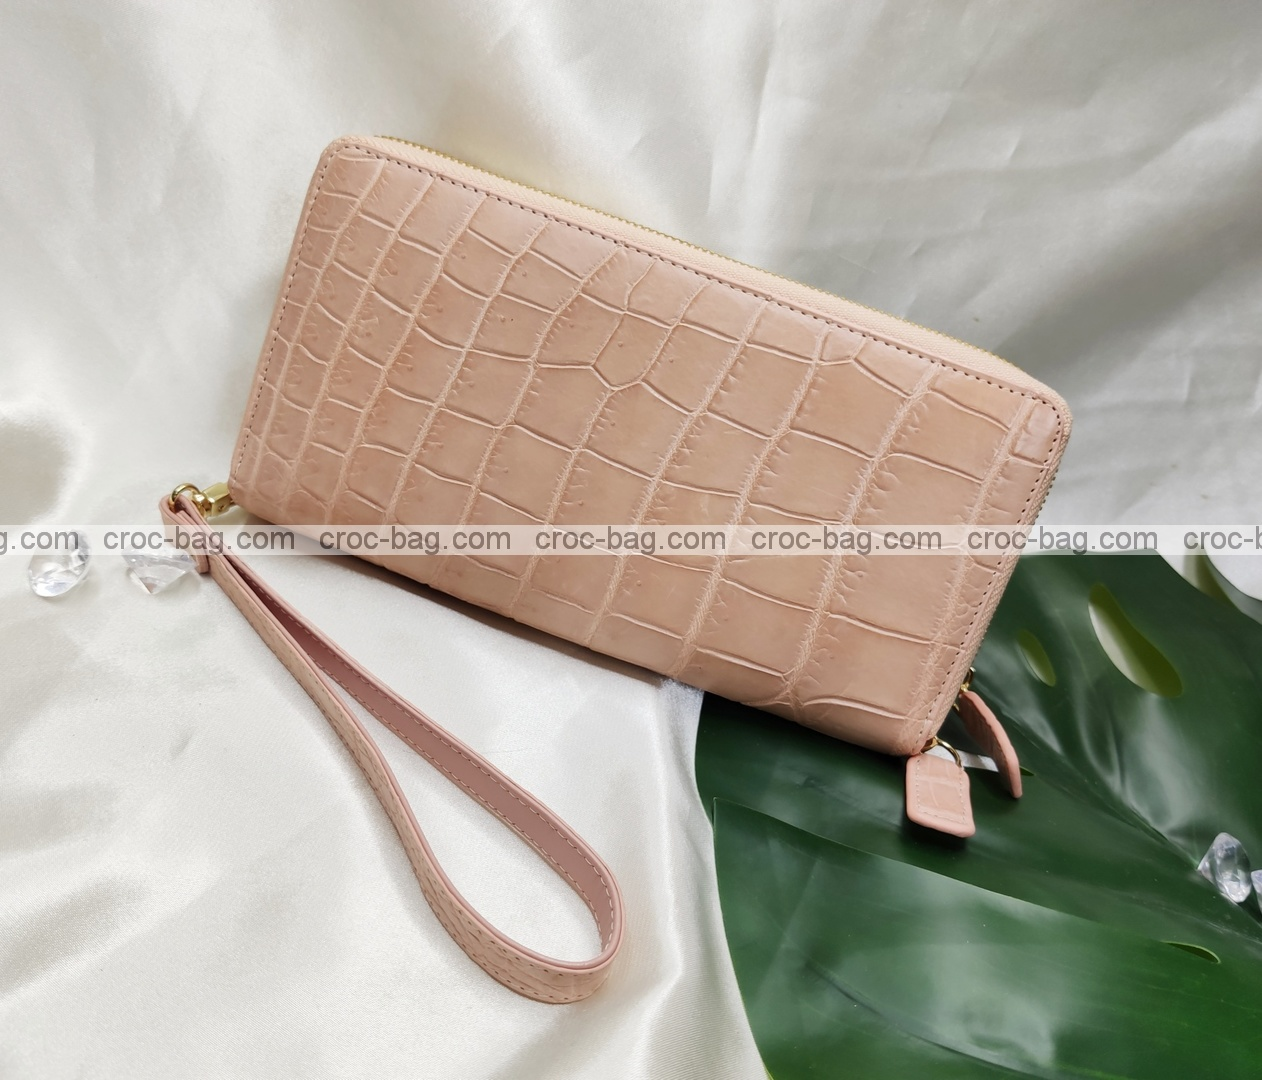 กระเป๋าสตางค์หนังจระเข้สำหรับผู้หญิง 5401